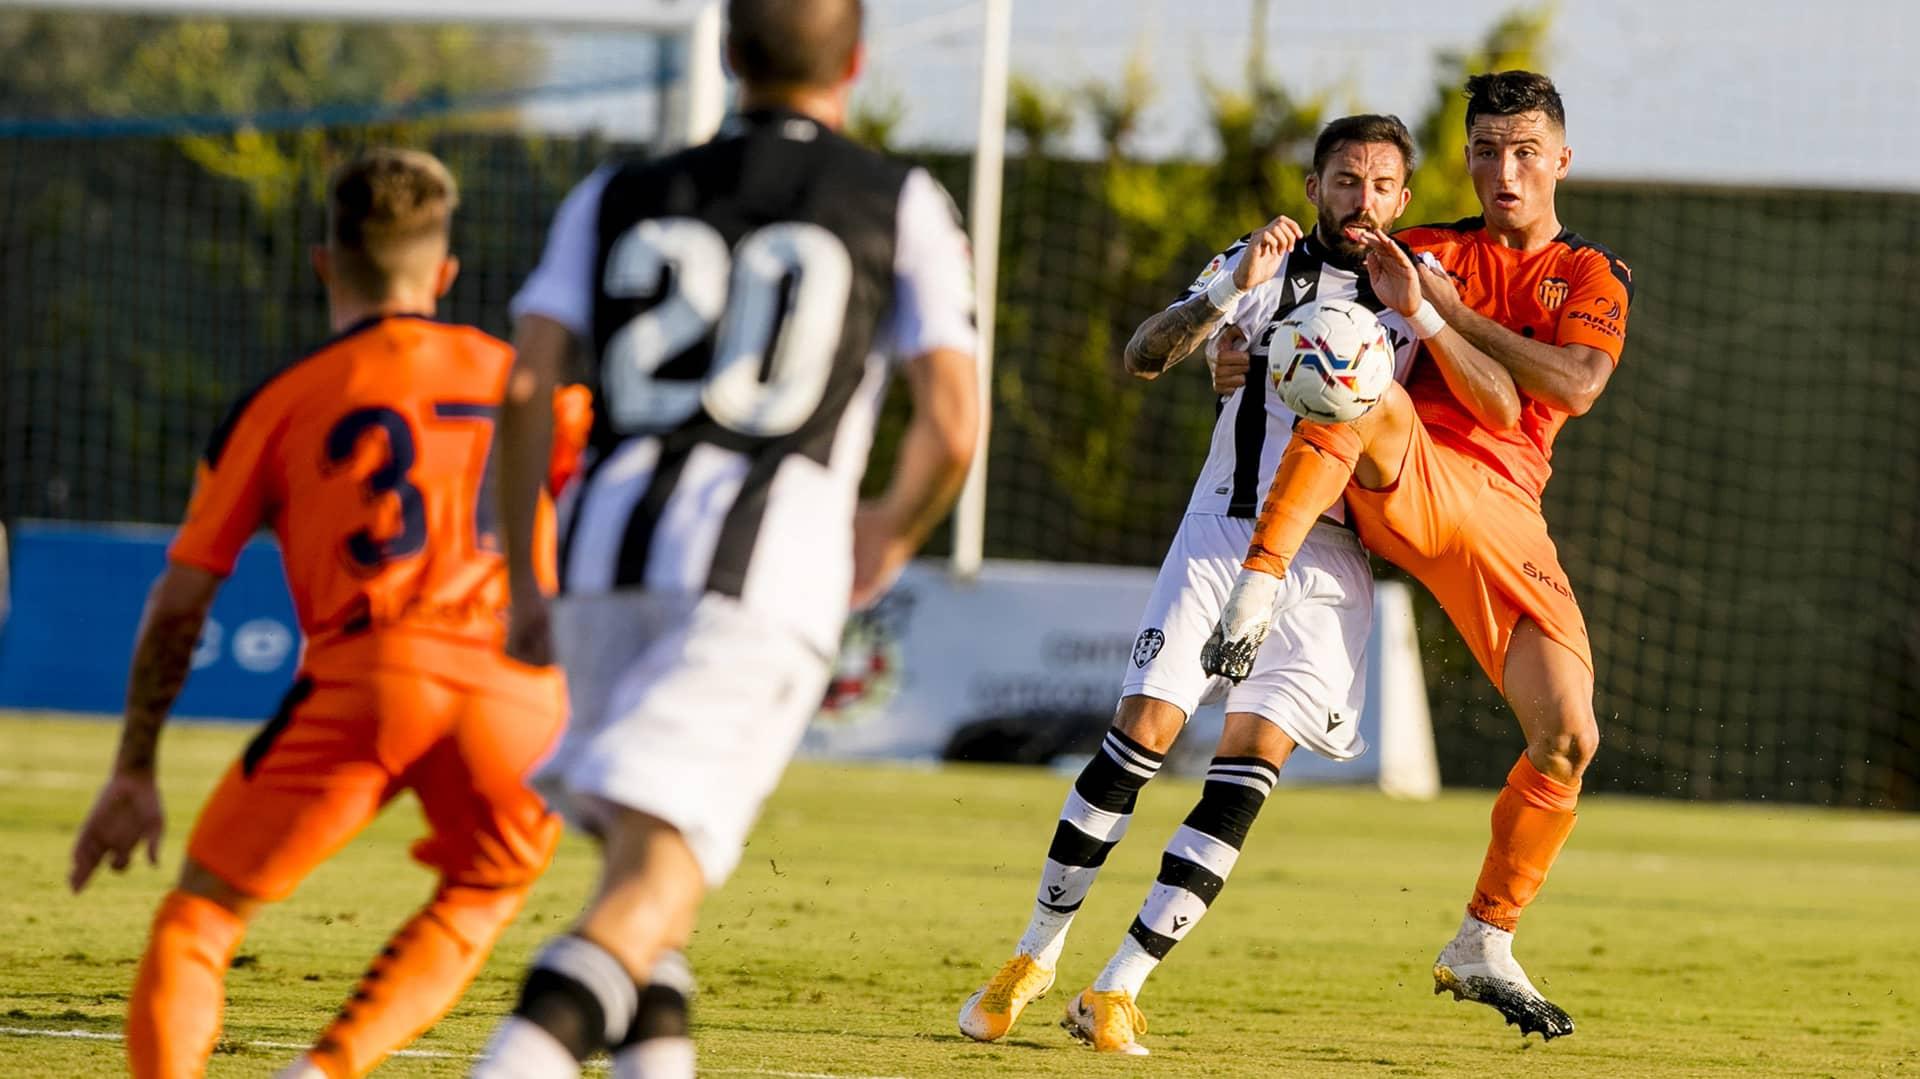 29.08.2020: Levante UD 0 - 0 Valencia CF